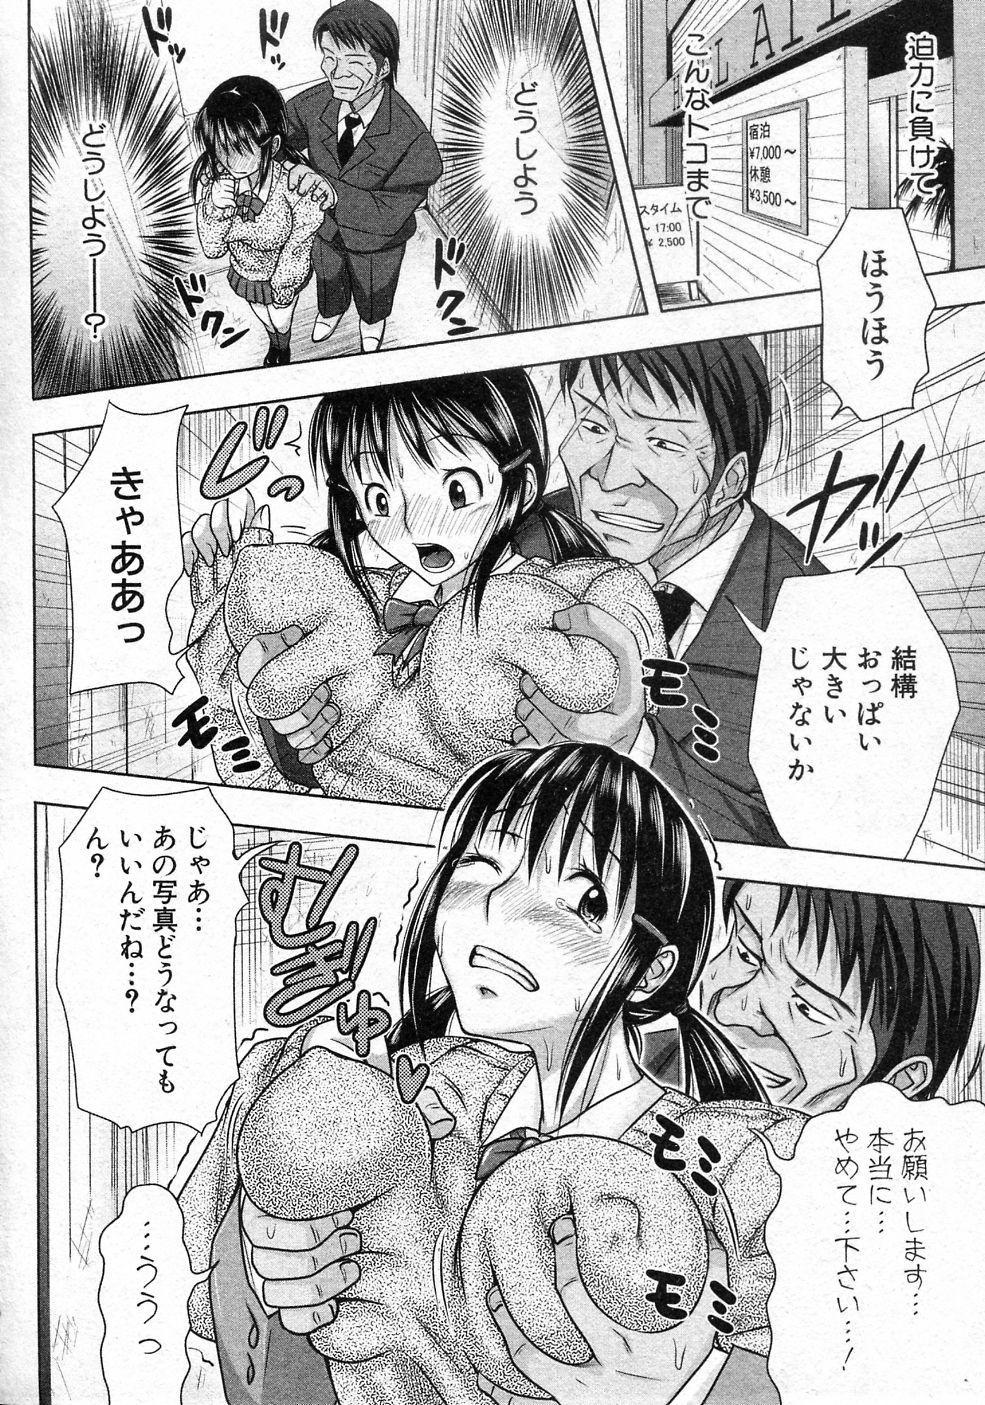 Yuutousei Ooshima Yuna no Yudan 3